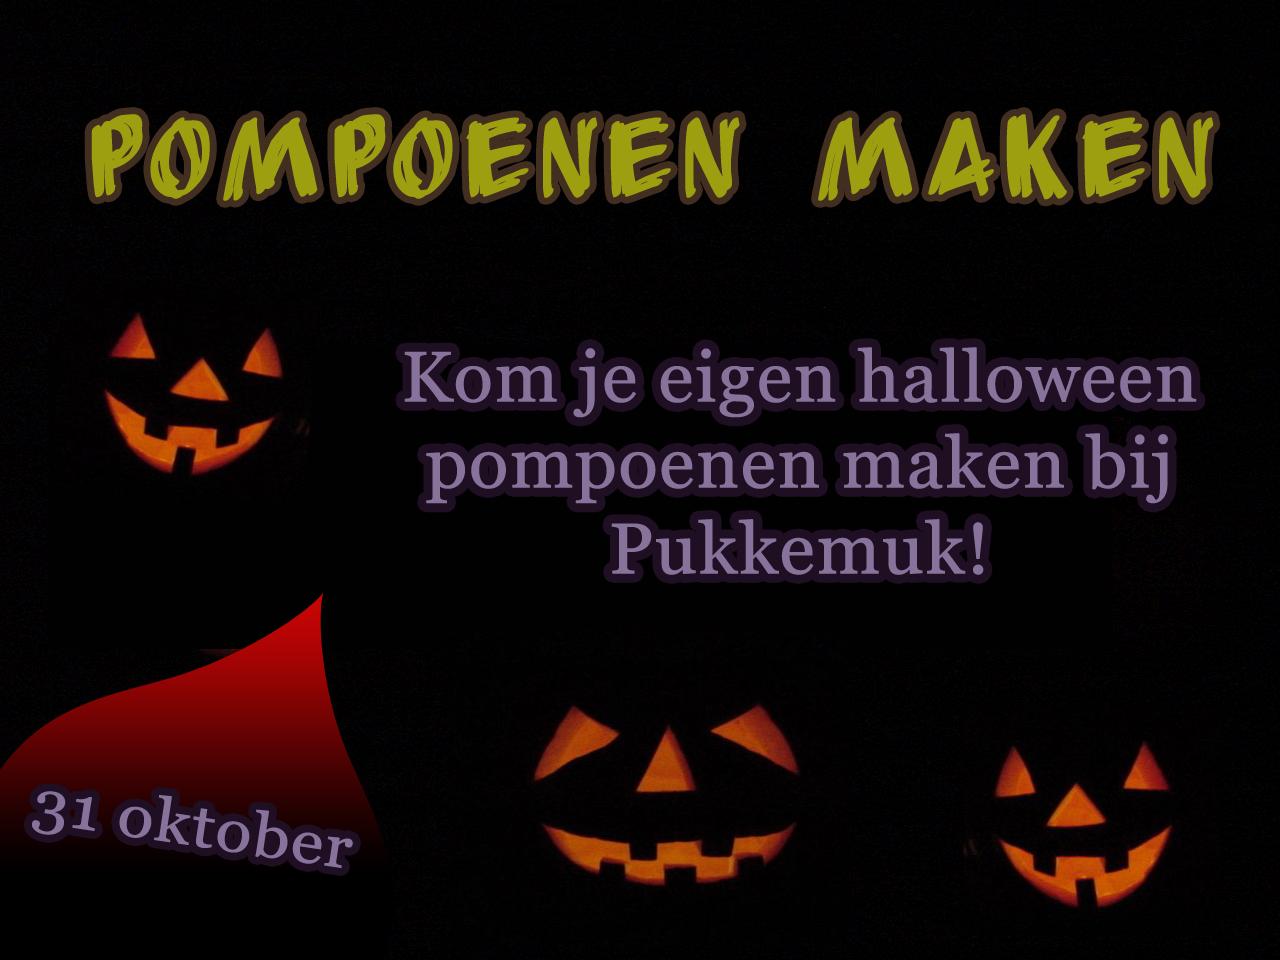 31 Oktober Halloween Feest.Halloween Pompoenen Maken Recreatiepark Pukkemuk